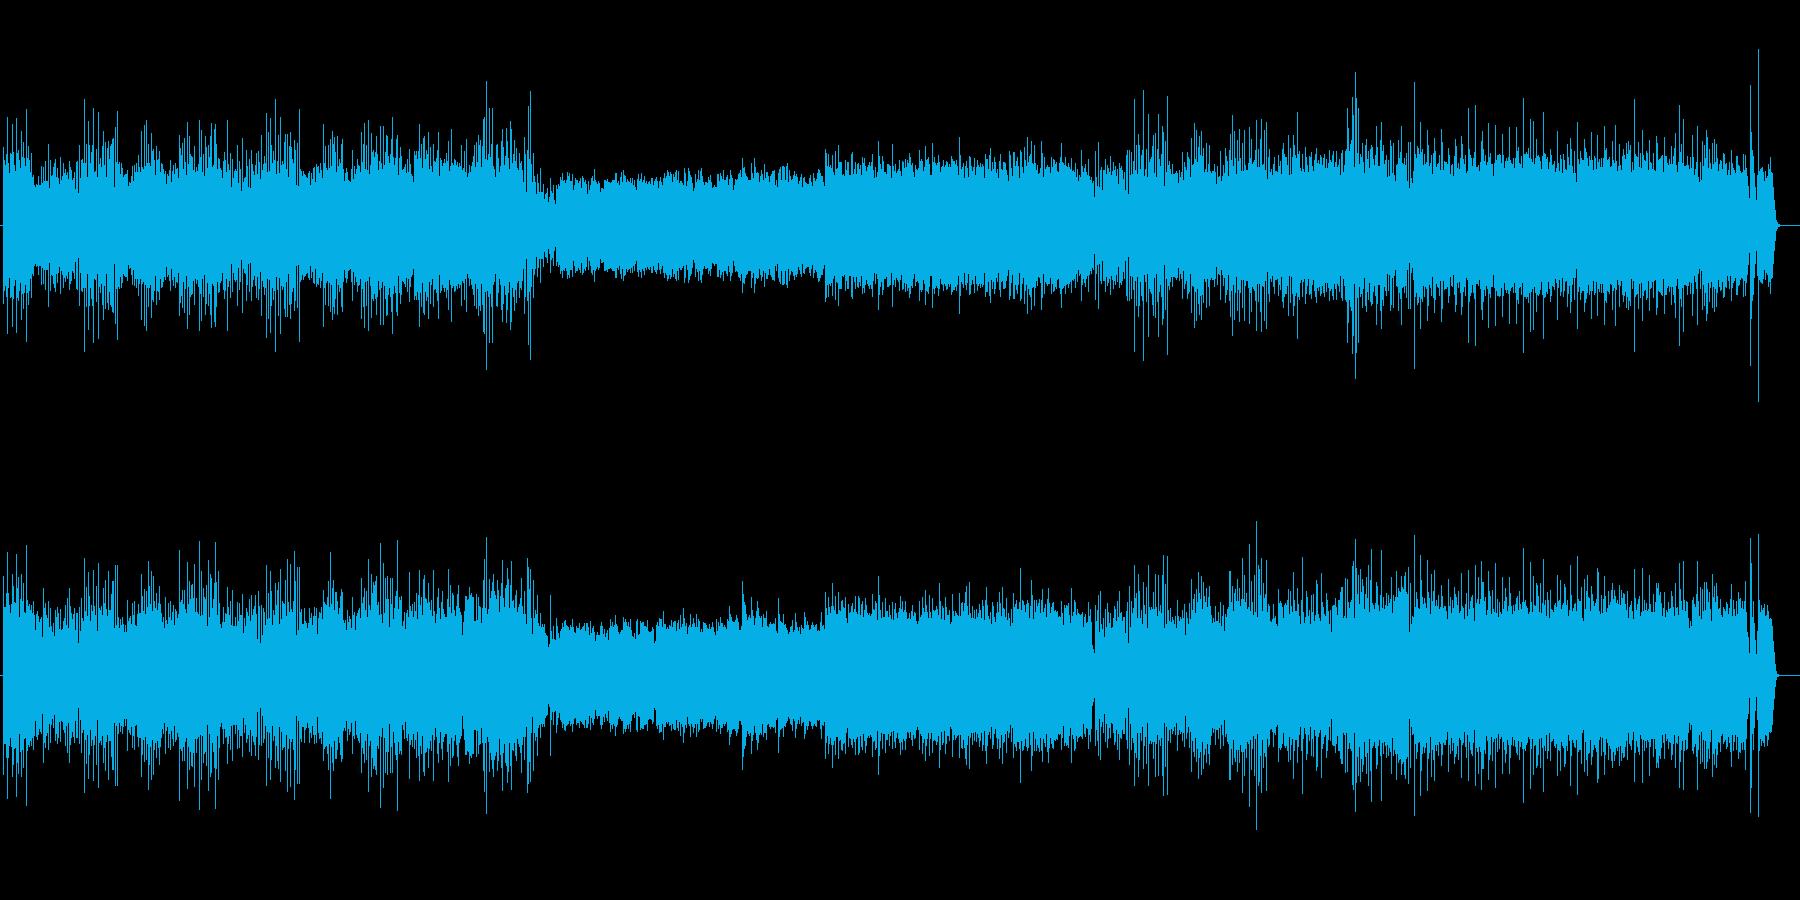 威風堂々第一番(オリジナル版)の再生済みの波形